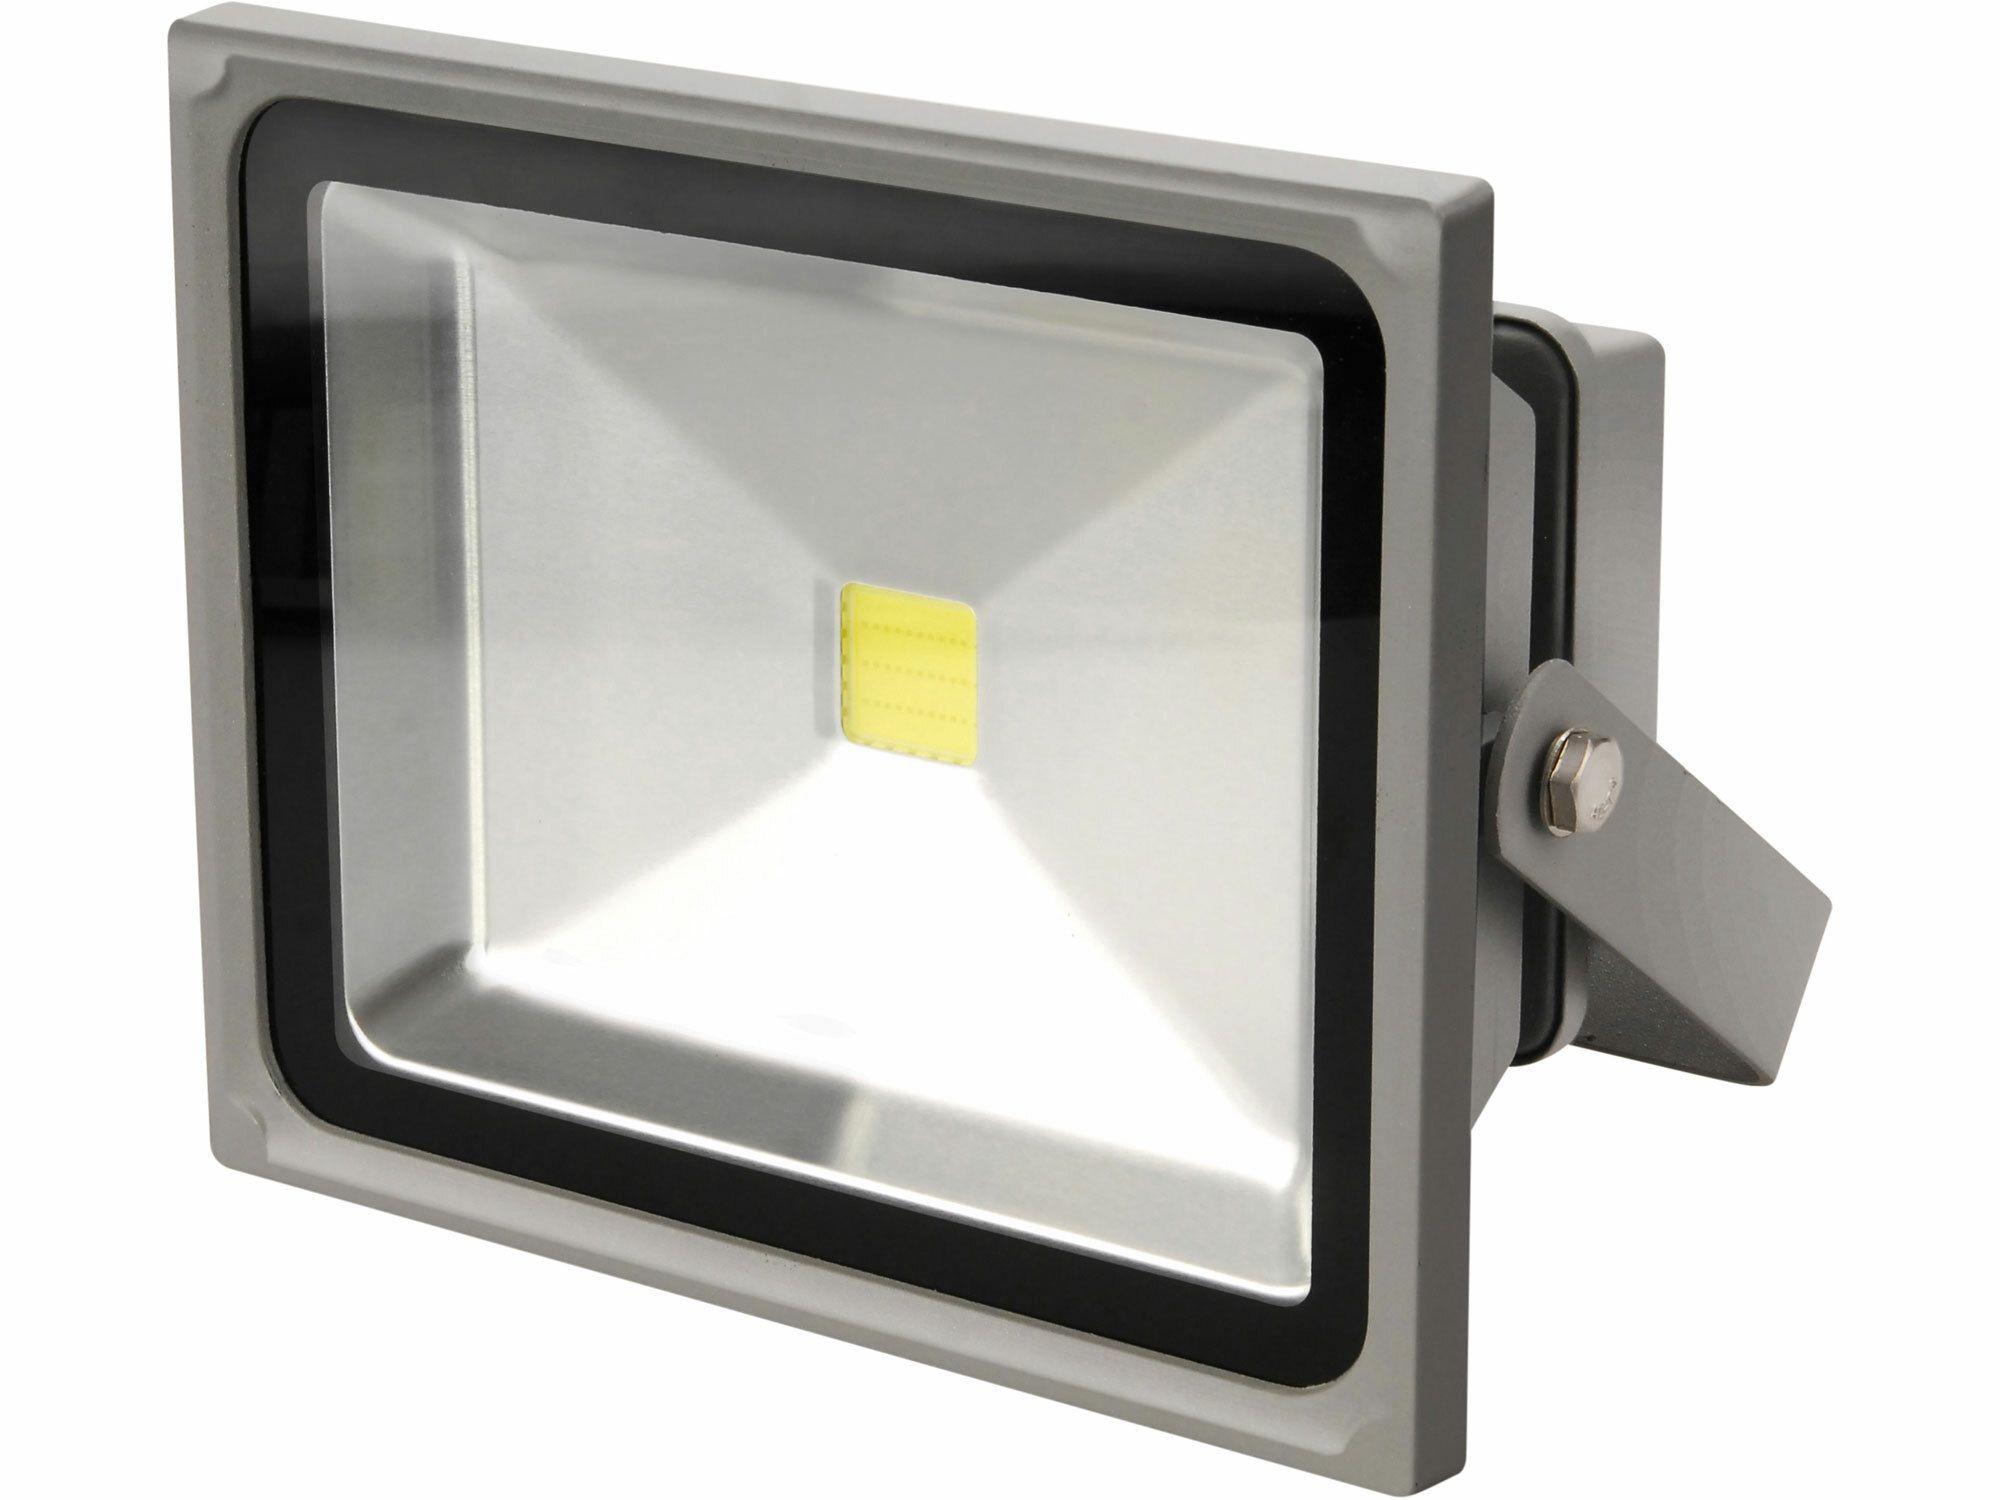 Reflektor LED, 30W, 2600lm, denní světlo, IP65, 230V/50Hz, teplota chromatičnosti 6150K